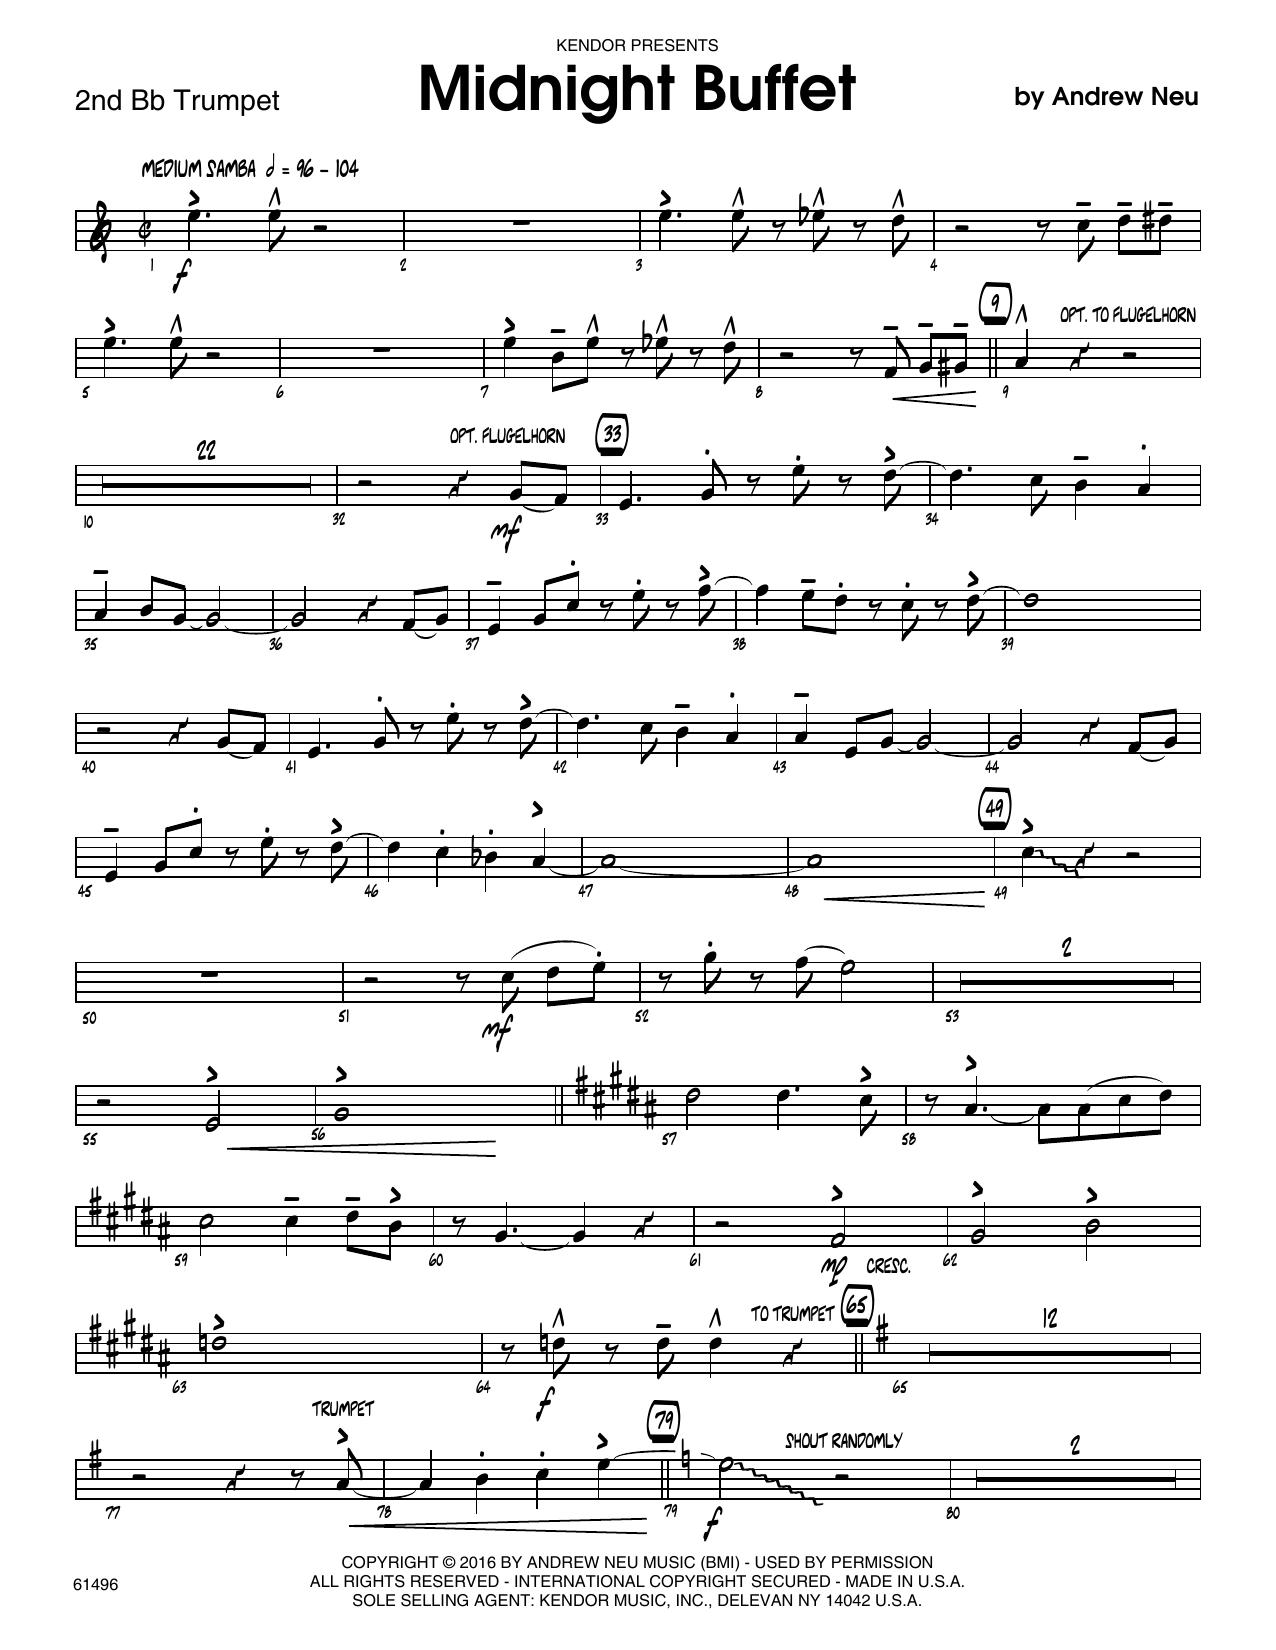 Midnight Buffet - 2nd Bb Trumpet Sheet Music